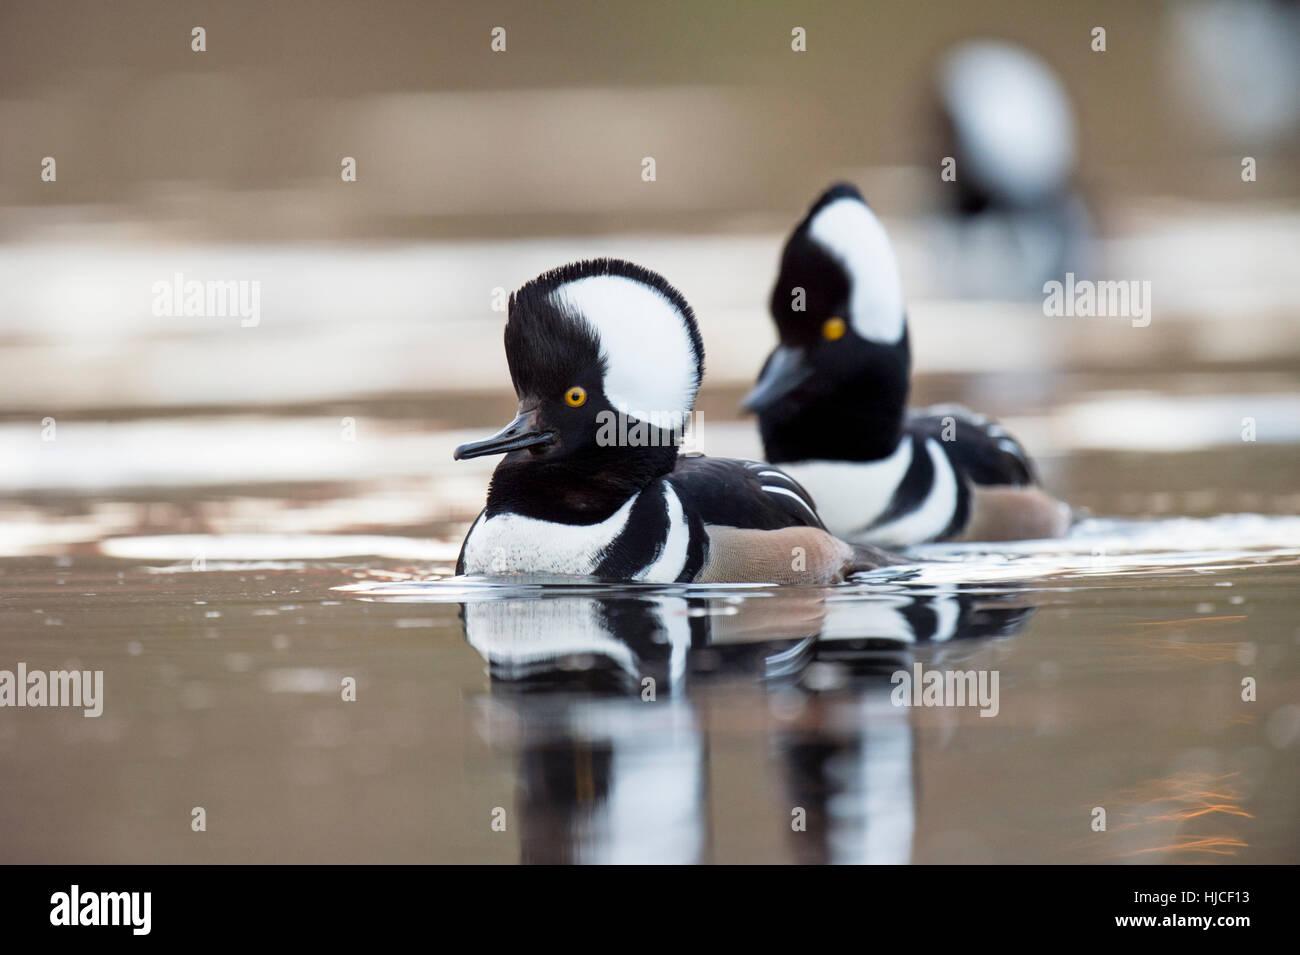 Un pequeño grupo de encapuchados Mergansers nadar en un estanque pequeño mostrando sus carcasas para las hembras cercanas. Foto de stock